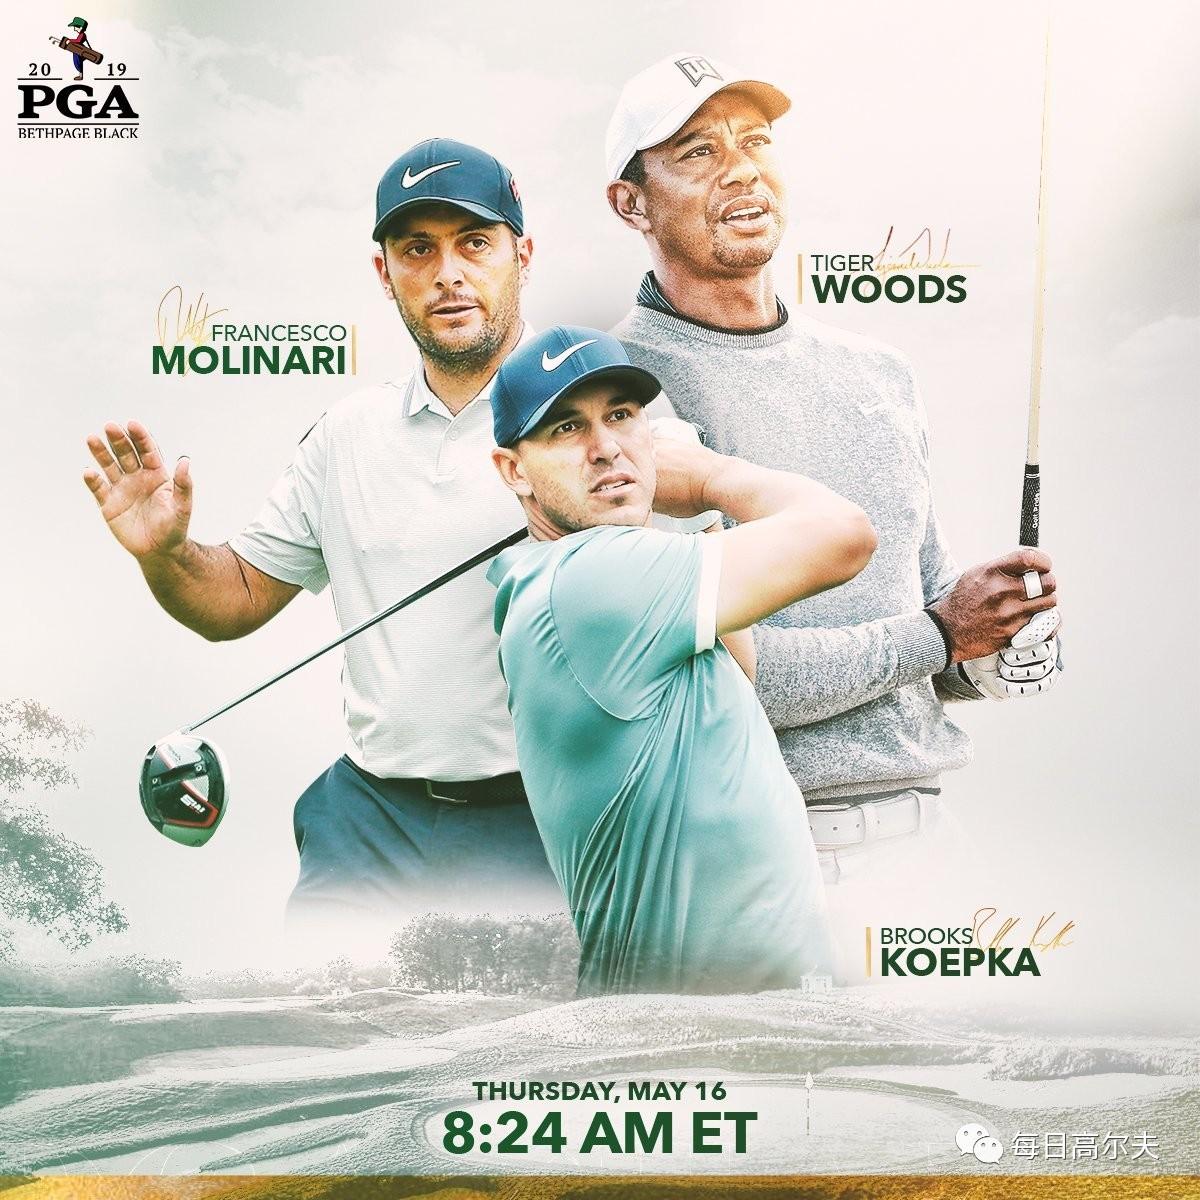 PGA锦标赛焦点组:老虎伍兹同组莫里纳利,李昊桐20点02登场,